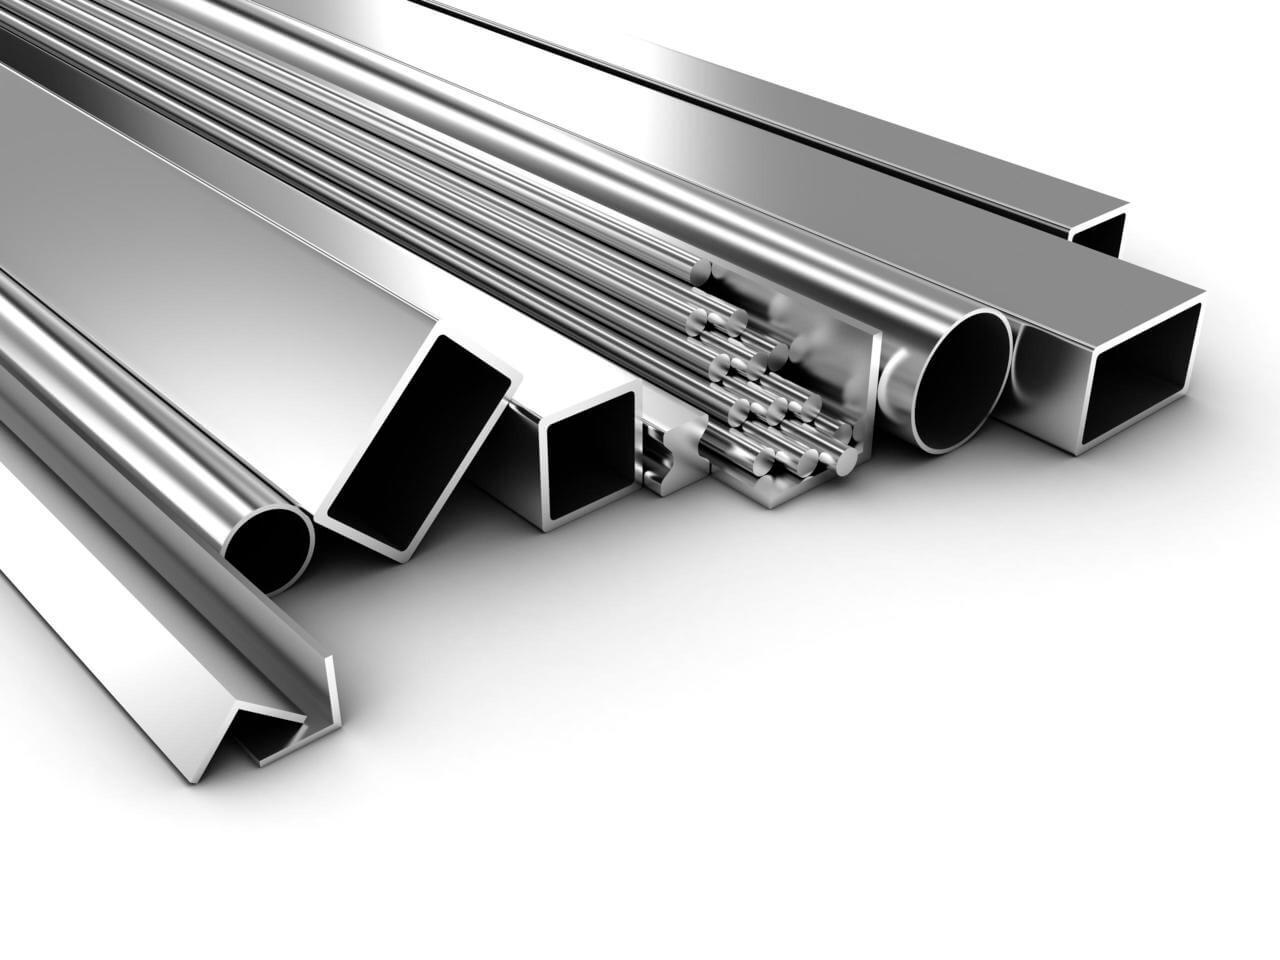 DTÖ Üyesi Olmayan Ülkelerden Yapılan Demir-Çelik İthalatındaki Gümrük Vergileri Artırıldı